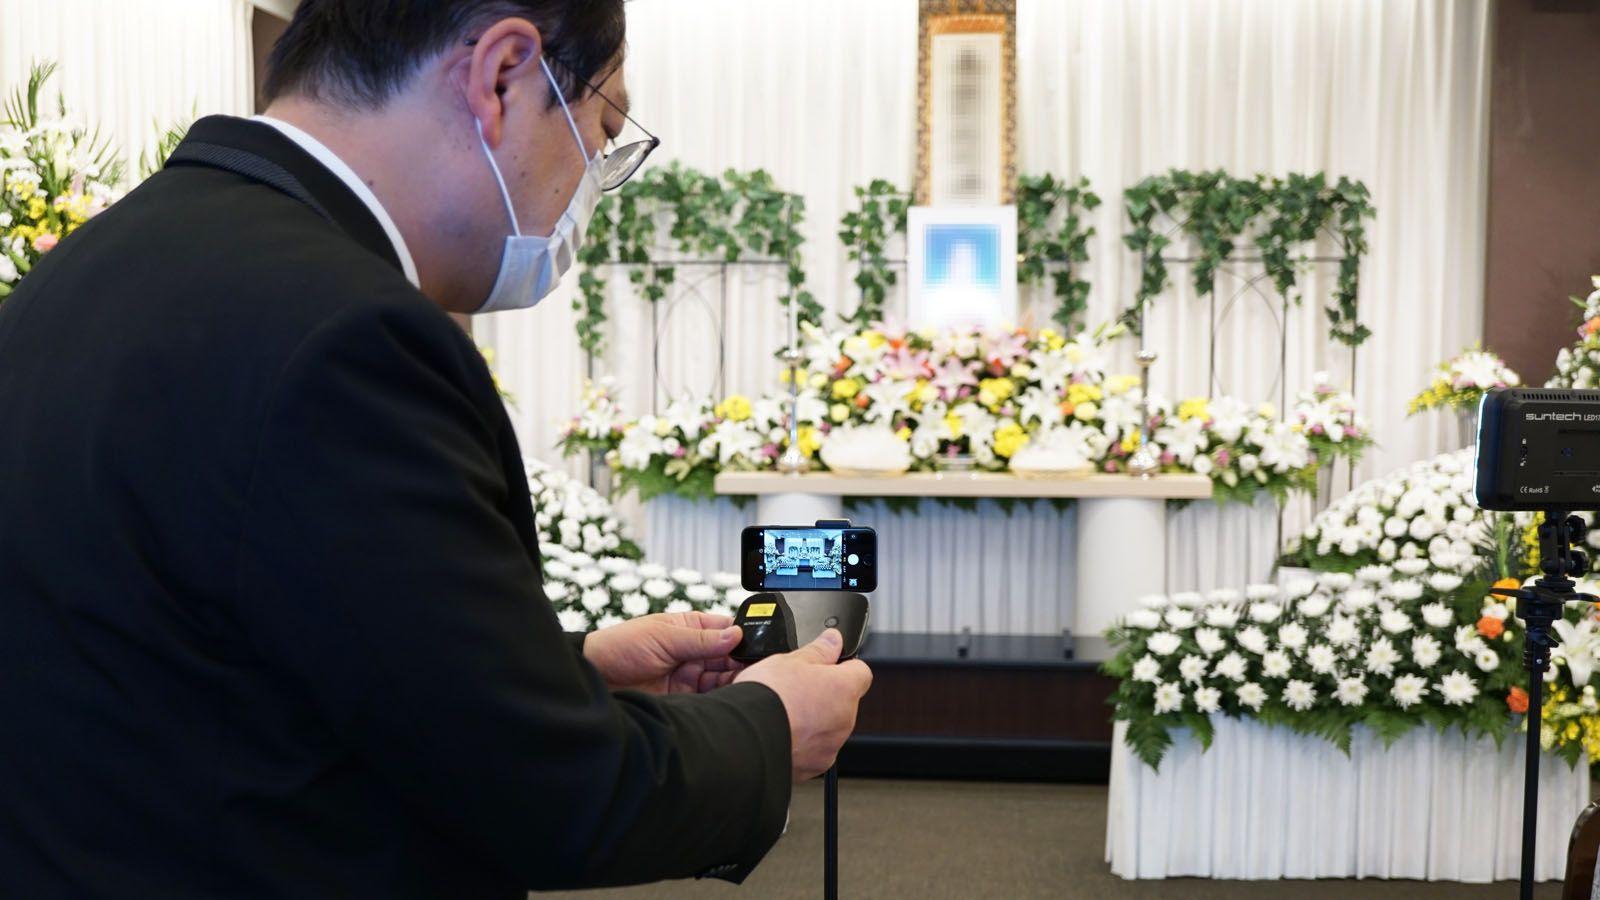 禍 の 葬儀 コロナ